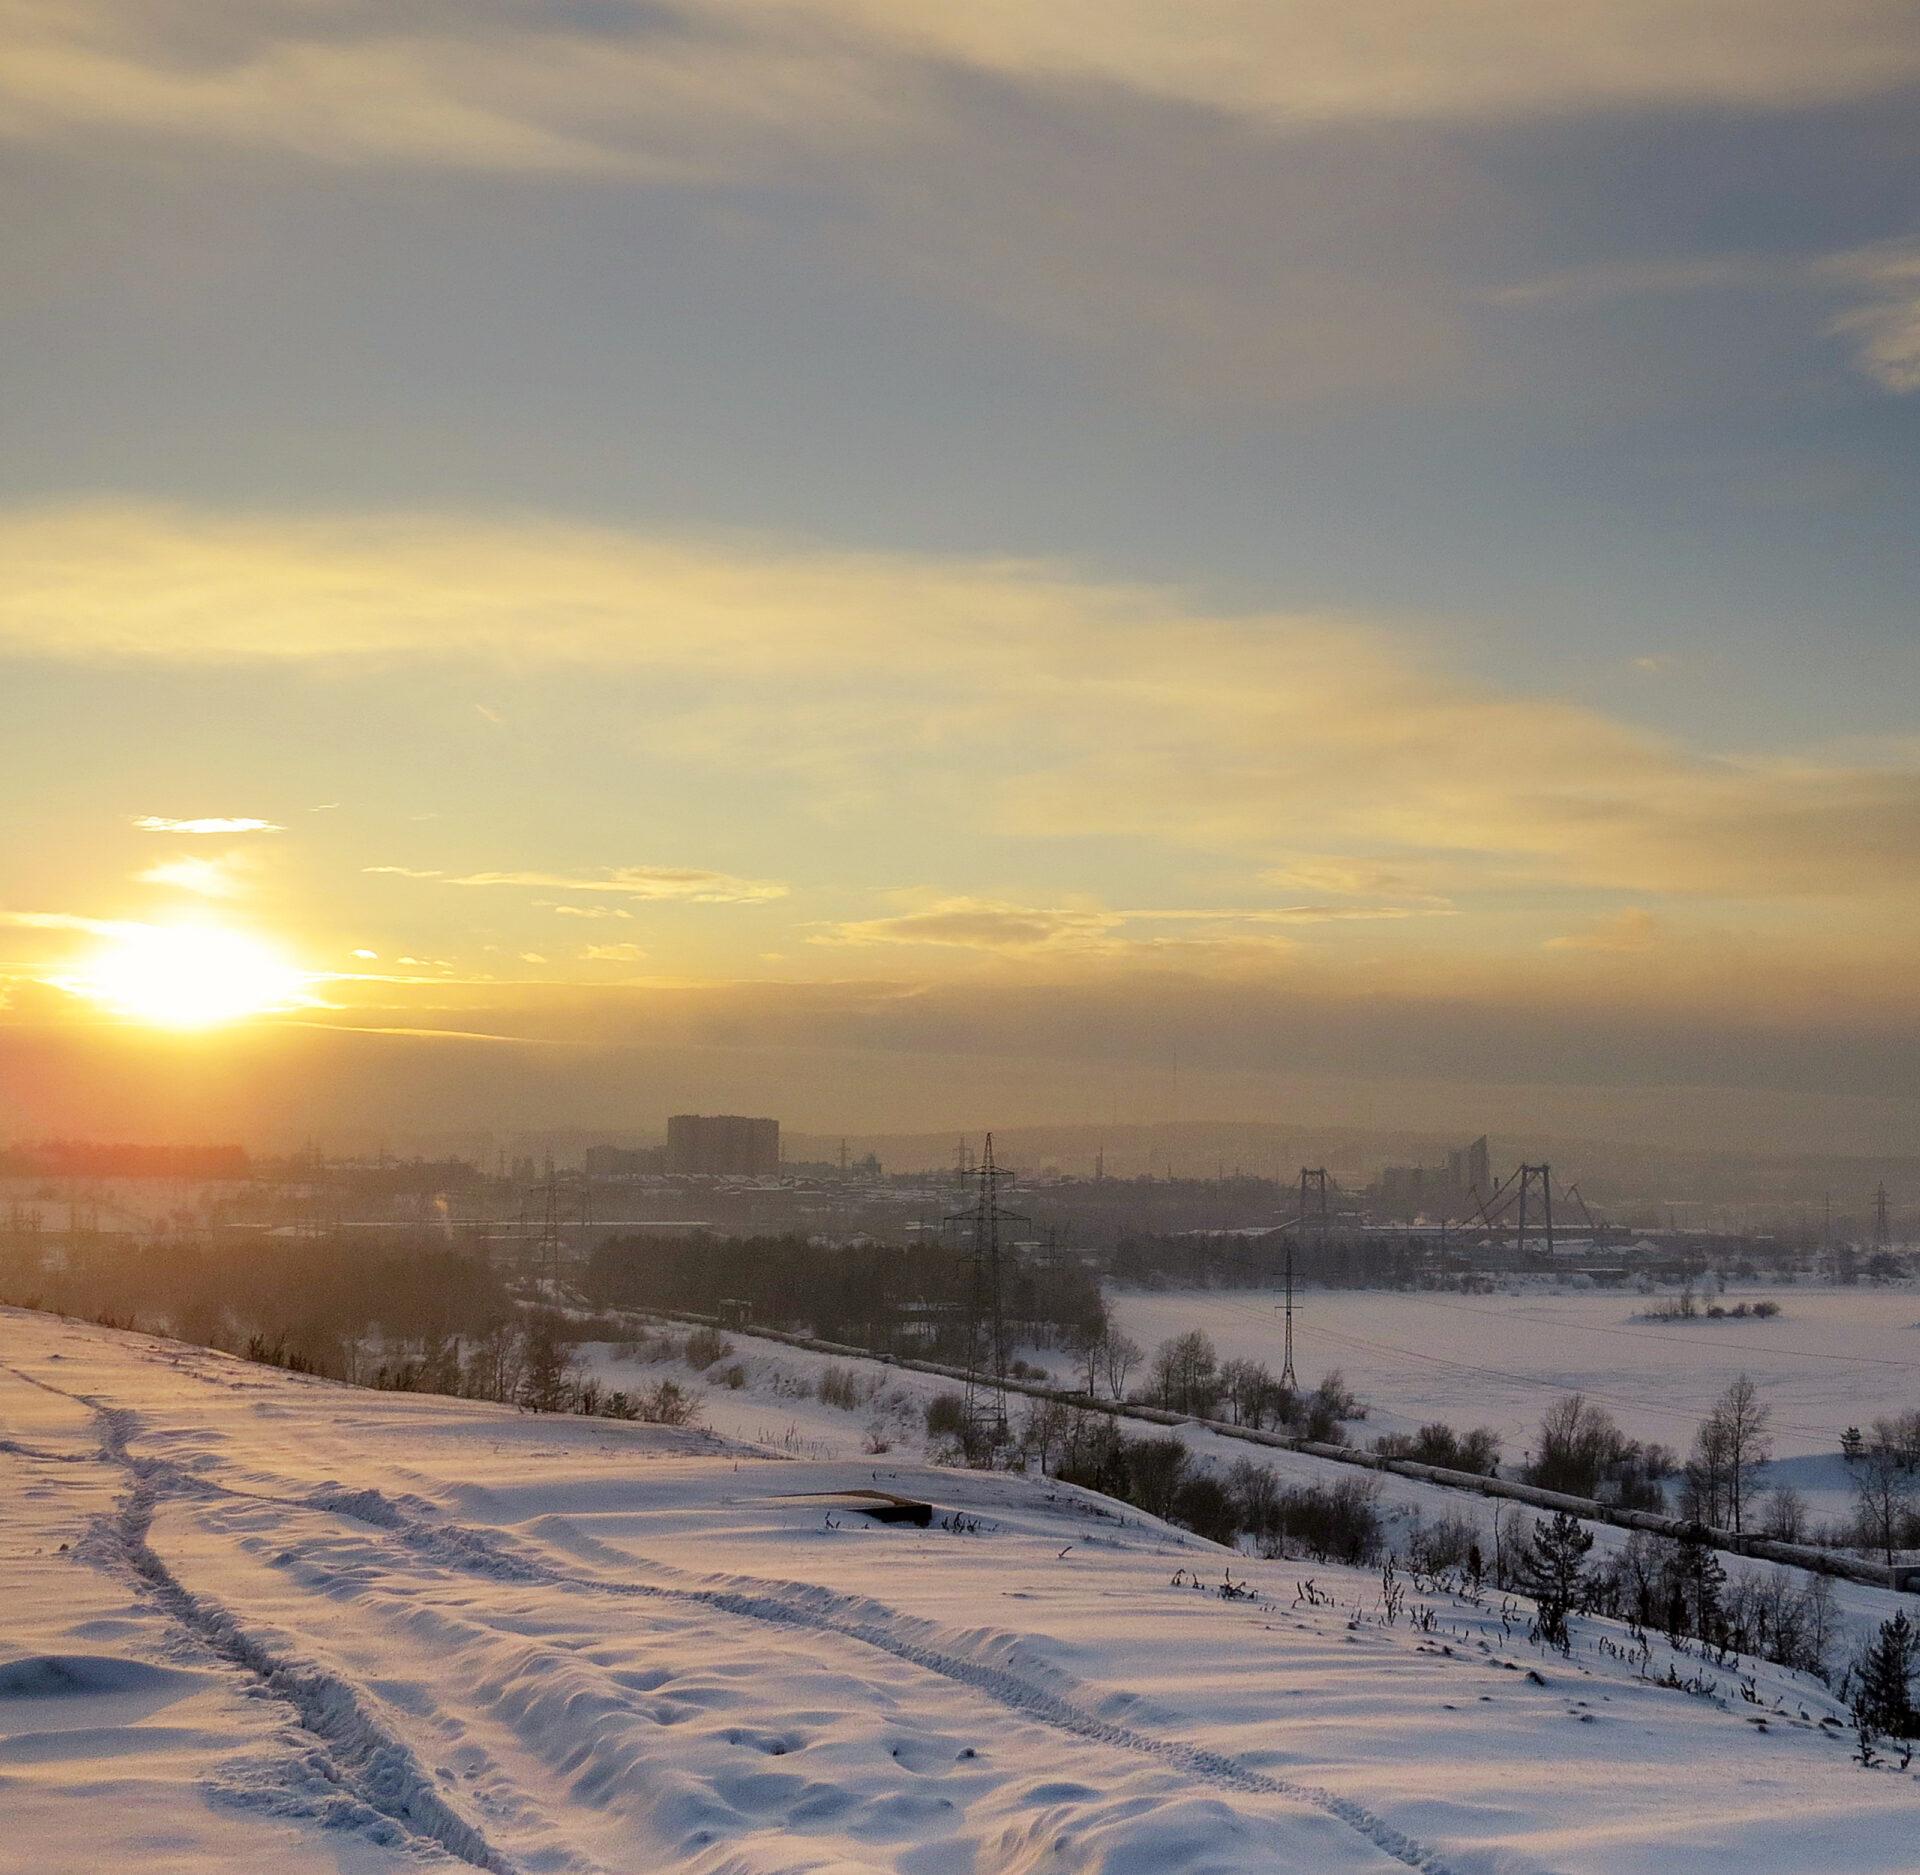 Иркутск/Байкал